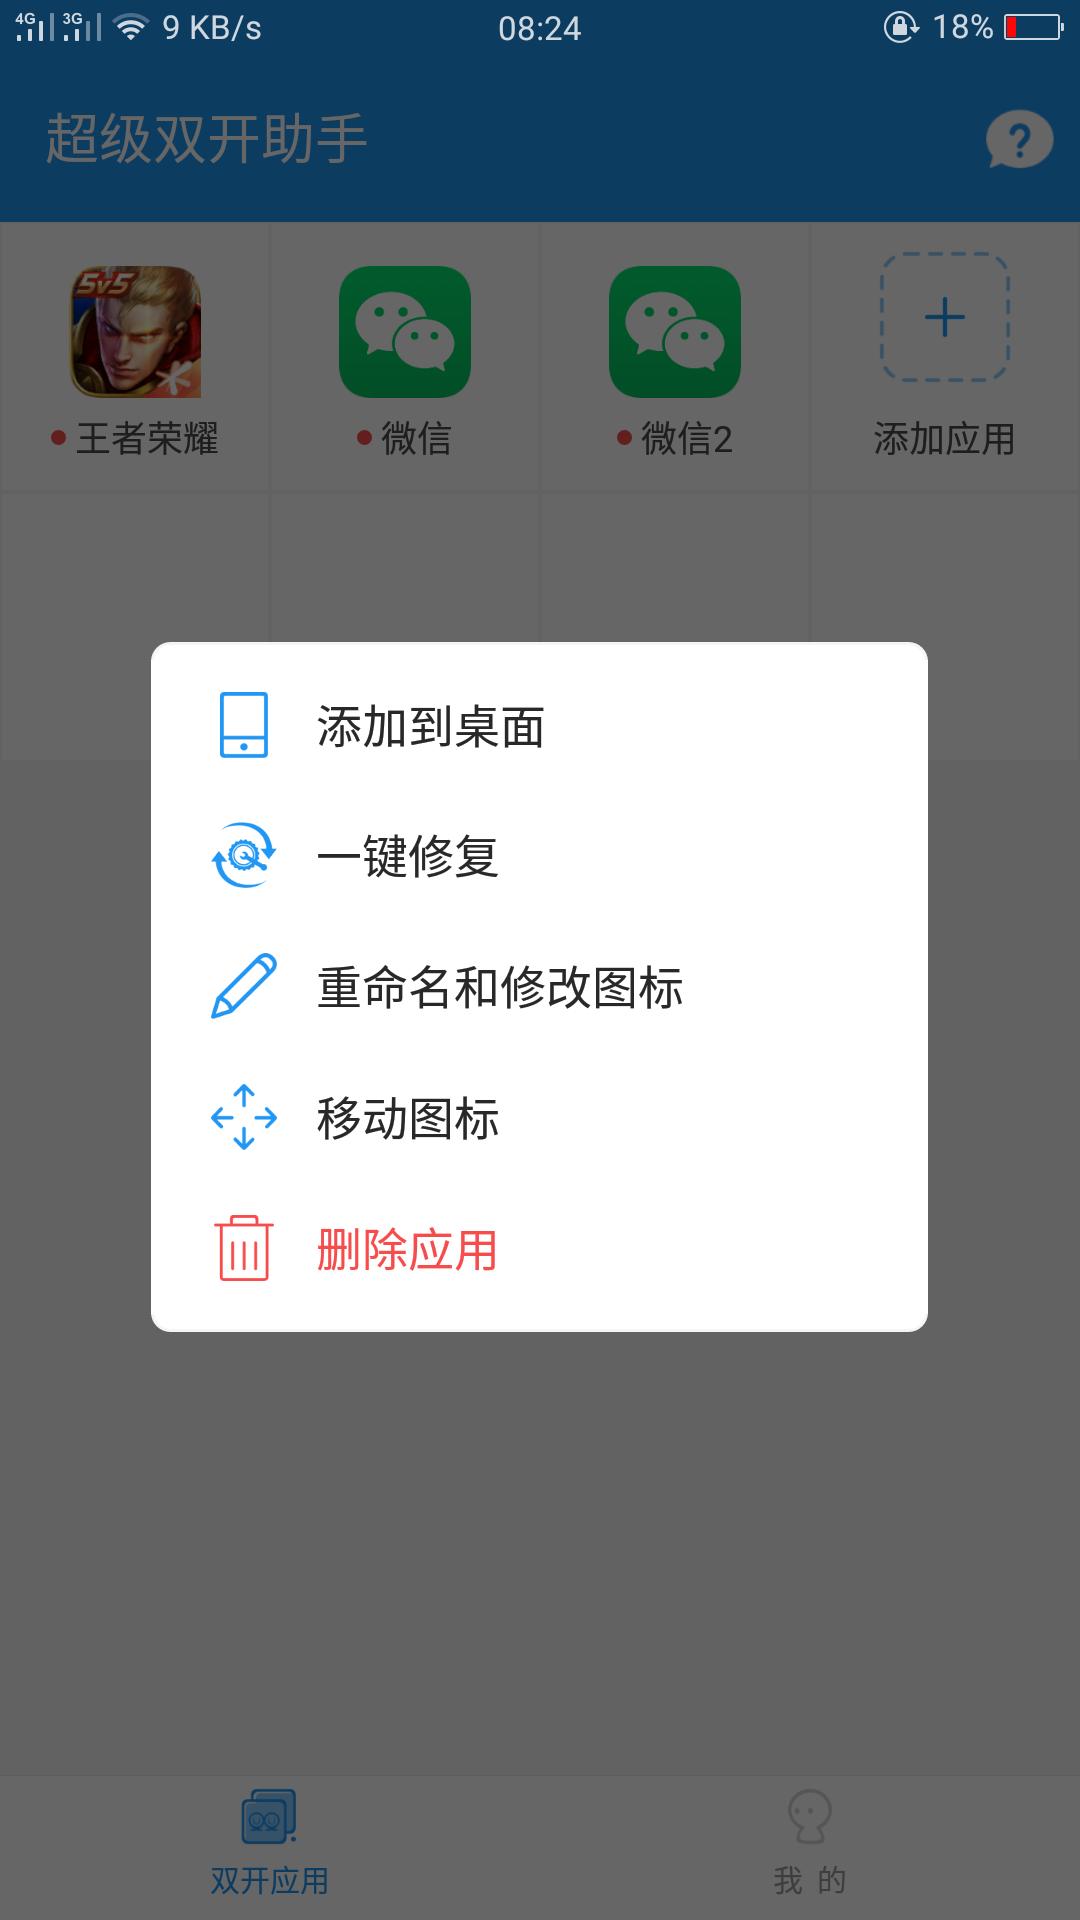 【分享】安卓超级双开助手v2.8.1绿化版